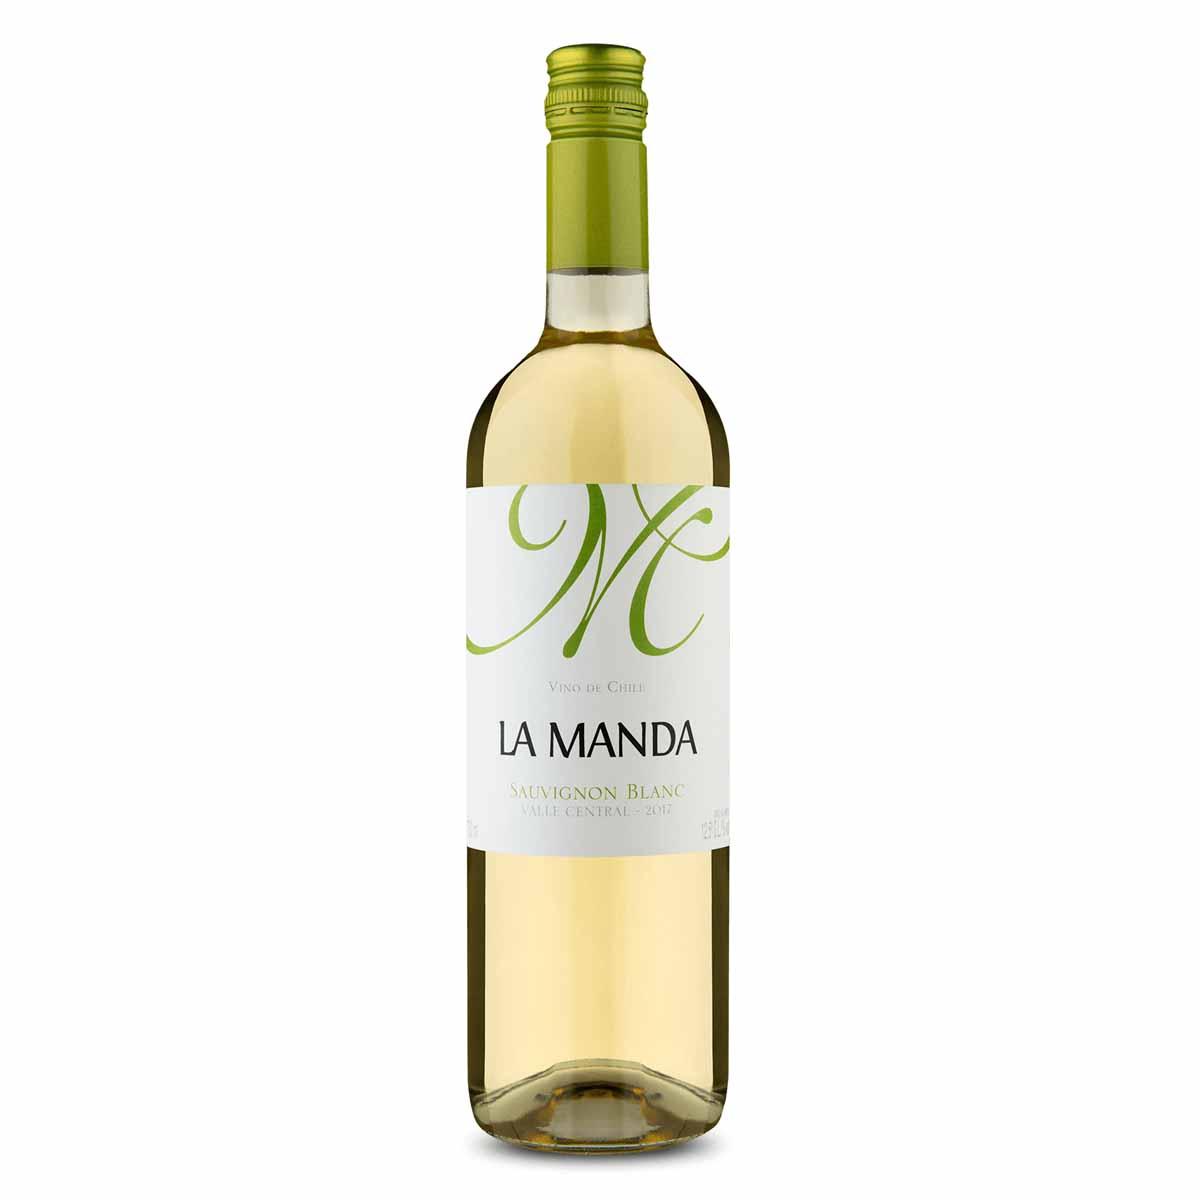 Vinho Branco Chileno La Manda Sauvignon Blanc 2019